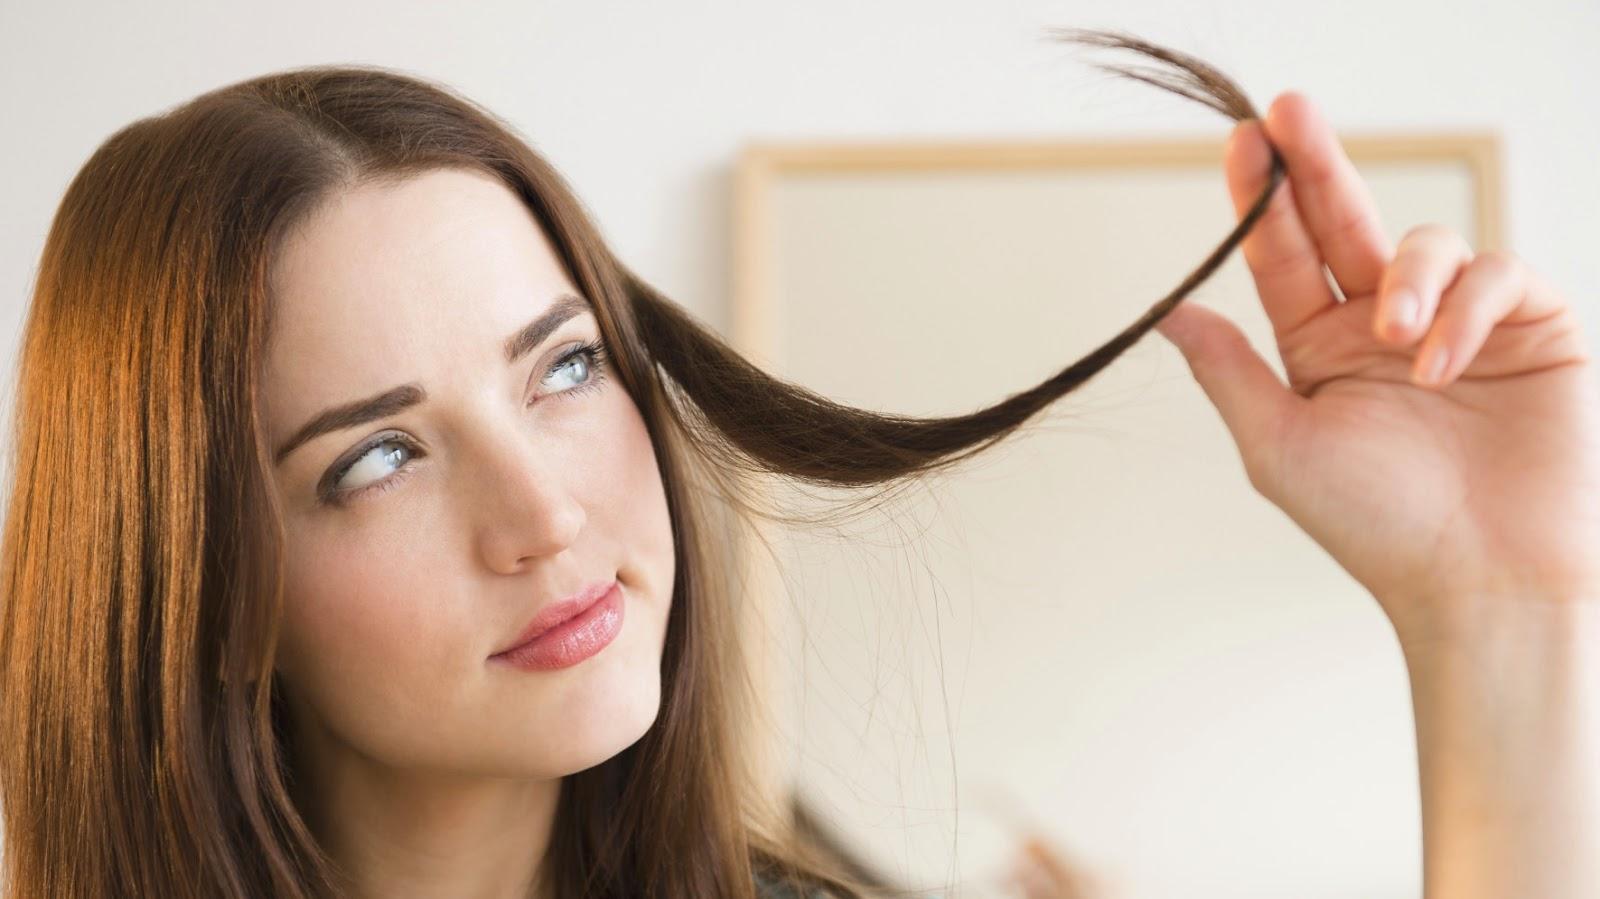 memotong bagian ujung rambut sebaiknya kamu lakukan di salon kenapa karena memiliki alat pemotong khusus yang tingkat ketajaman sesuai